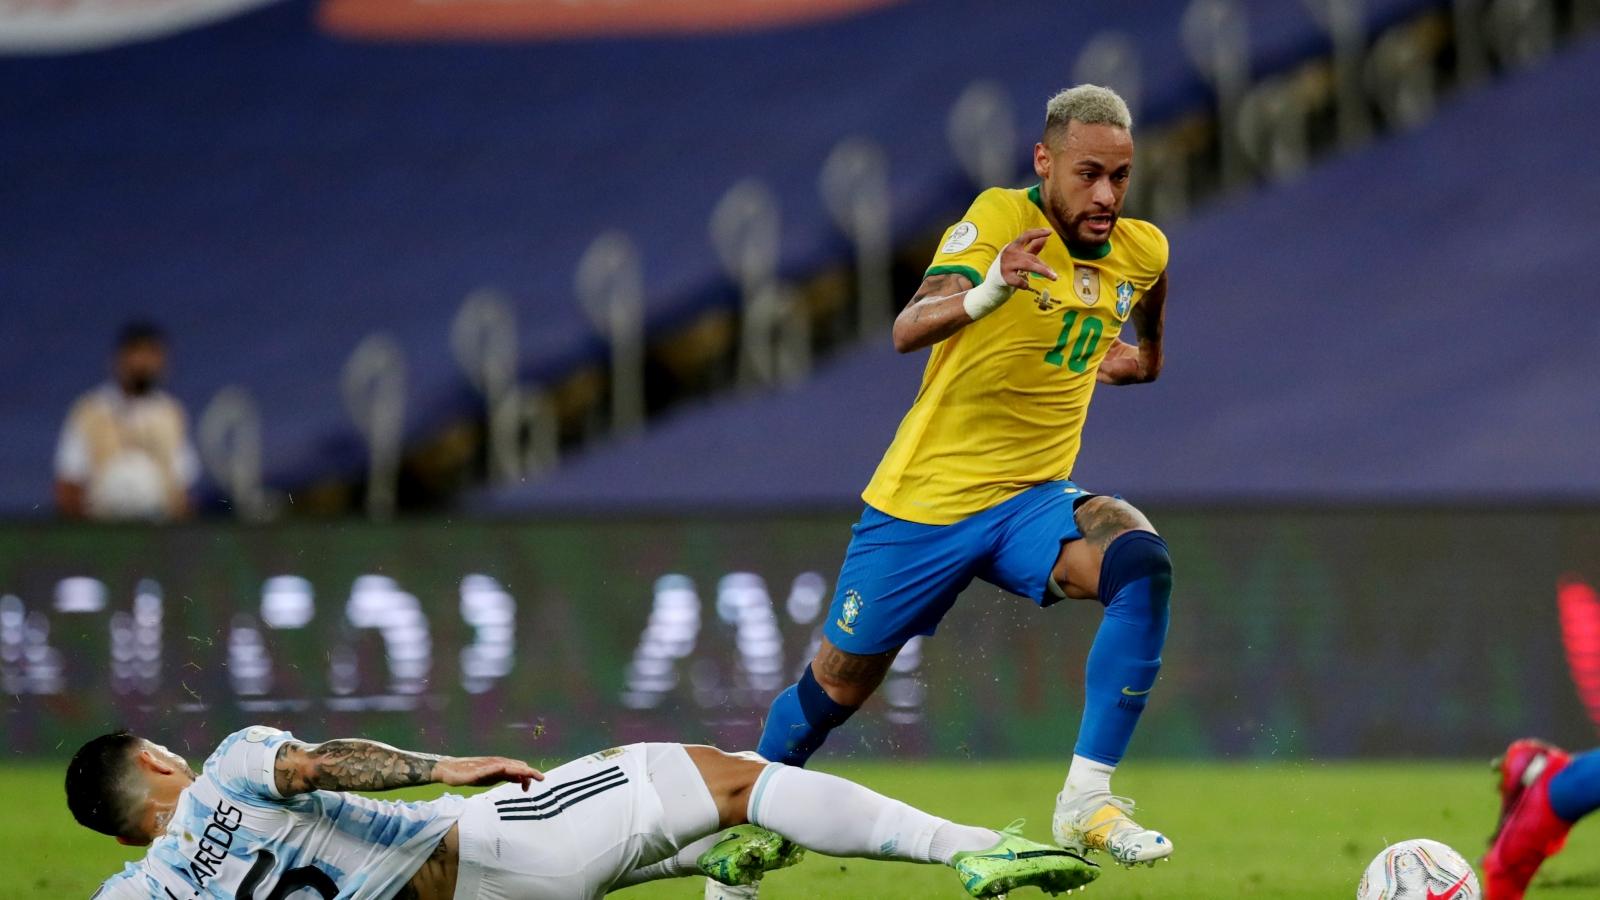 Neymer bị kéo rách quần ở trận chung kết Copa America 2021